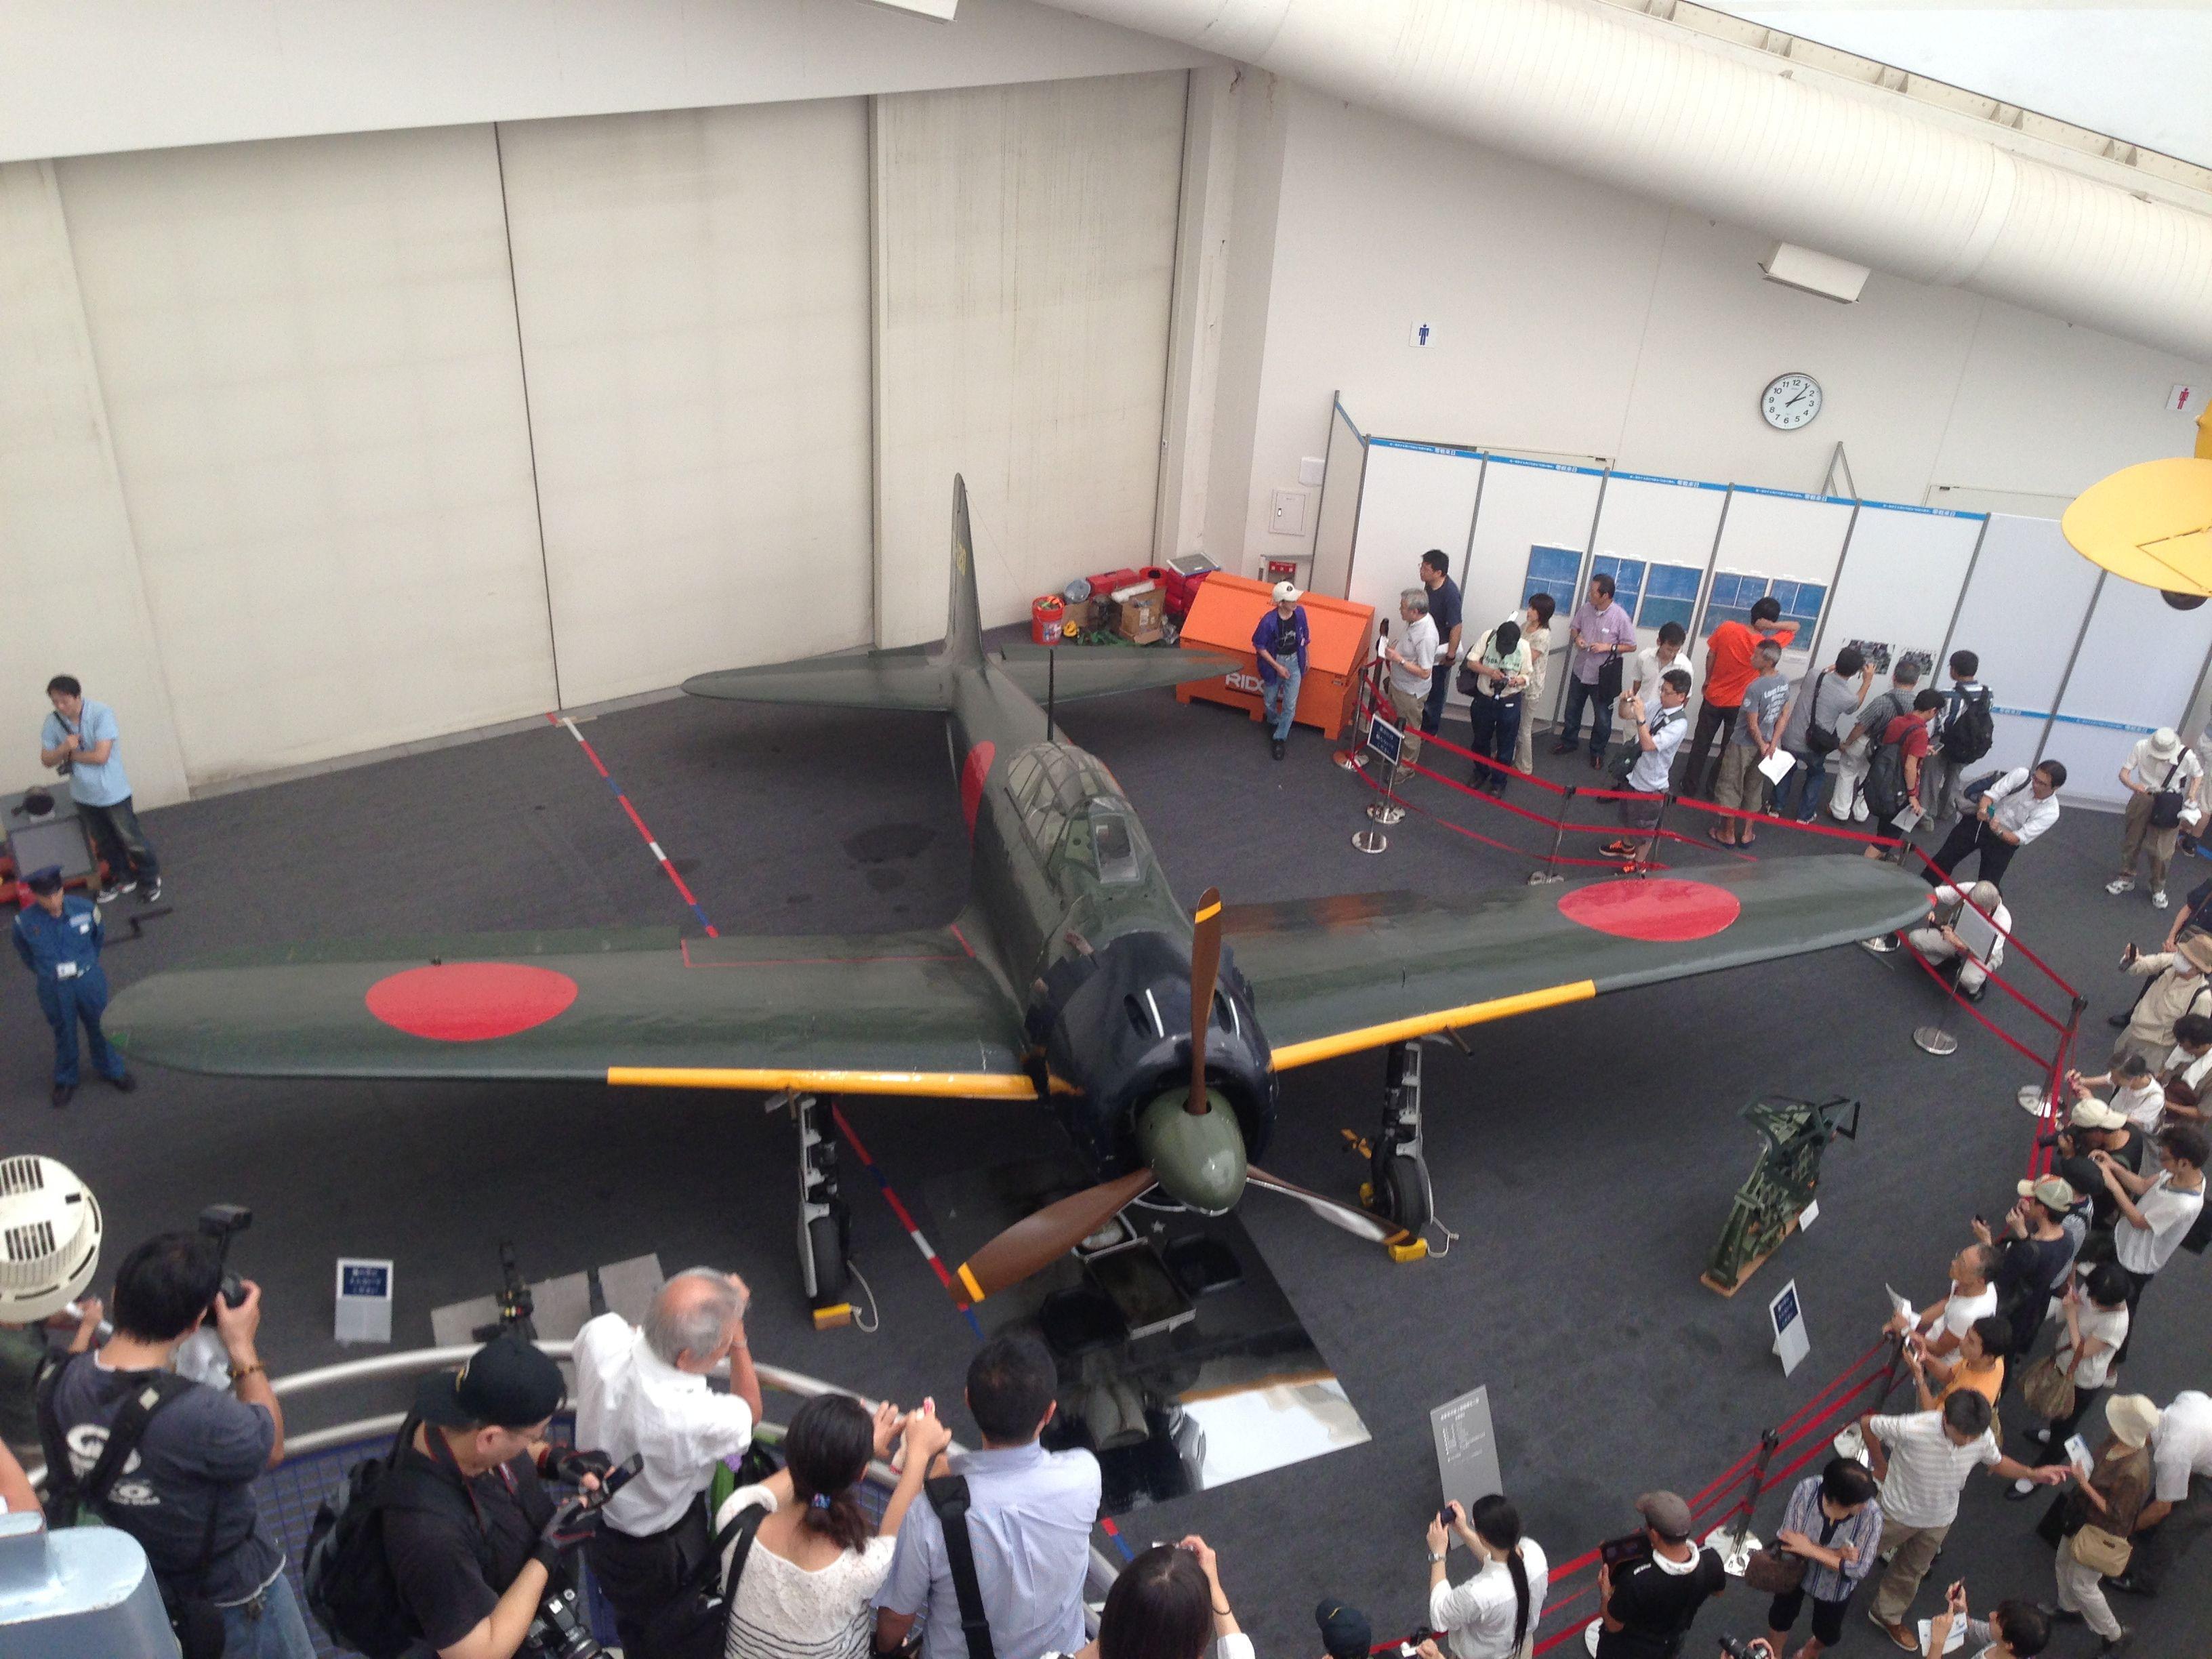 唯一現存する飛行可能なゼロ戦 Zero Fighter Exhibit In Tokorozawa 零式艦上戦闘機 戦闘機 航空機